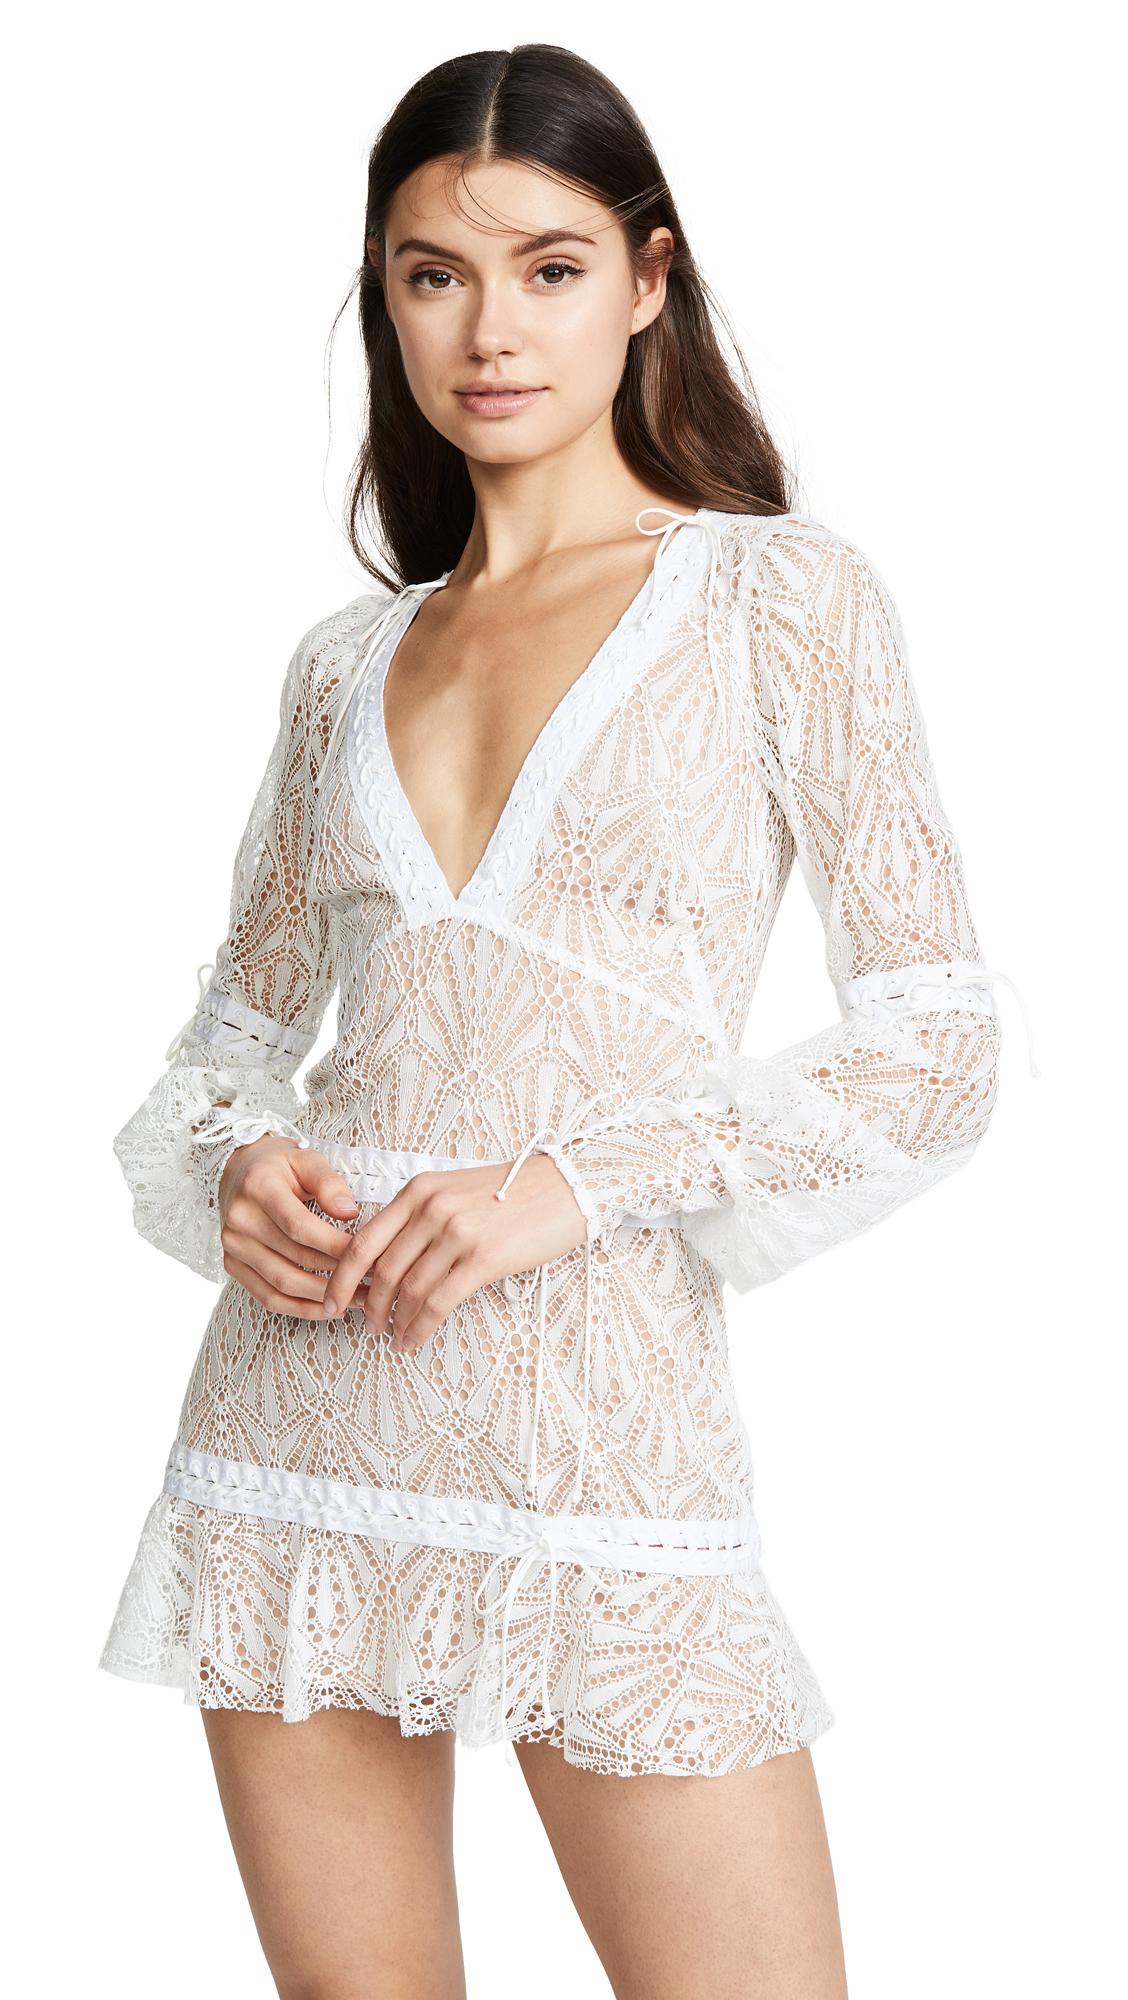 c7225bf0ad8 For Love   Lemons Bright Lights Long Sleeve Mini Dress - White